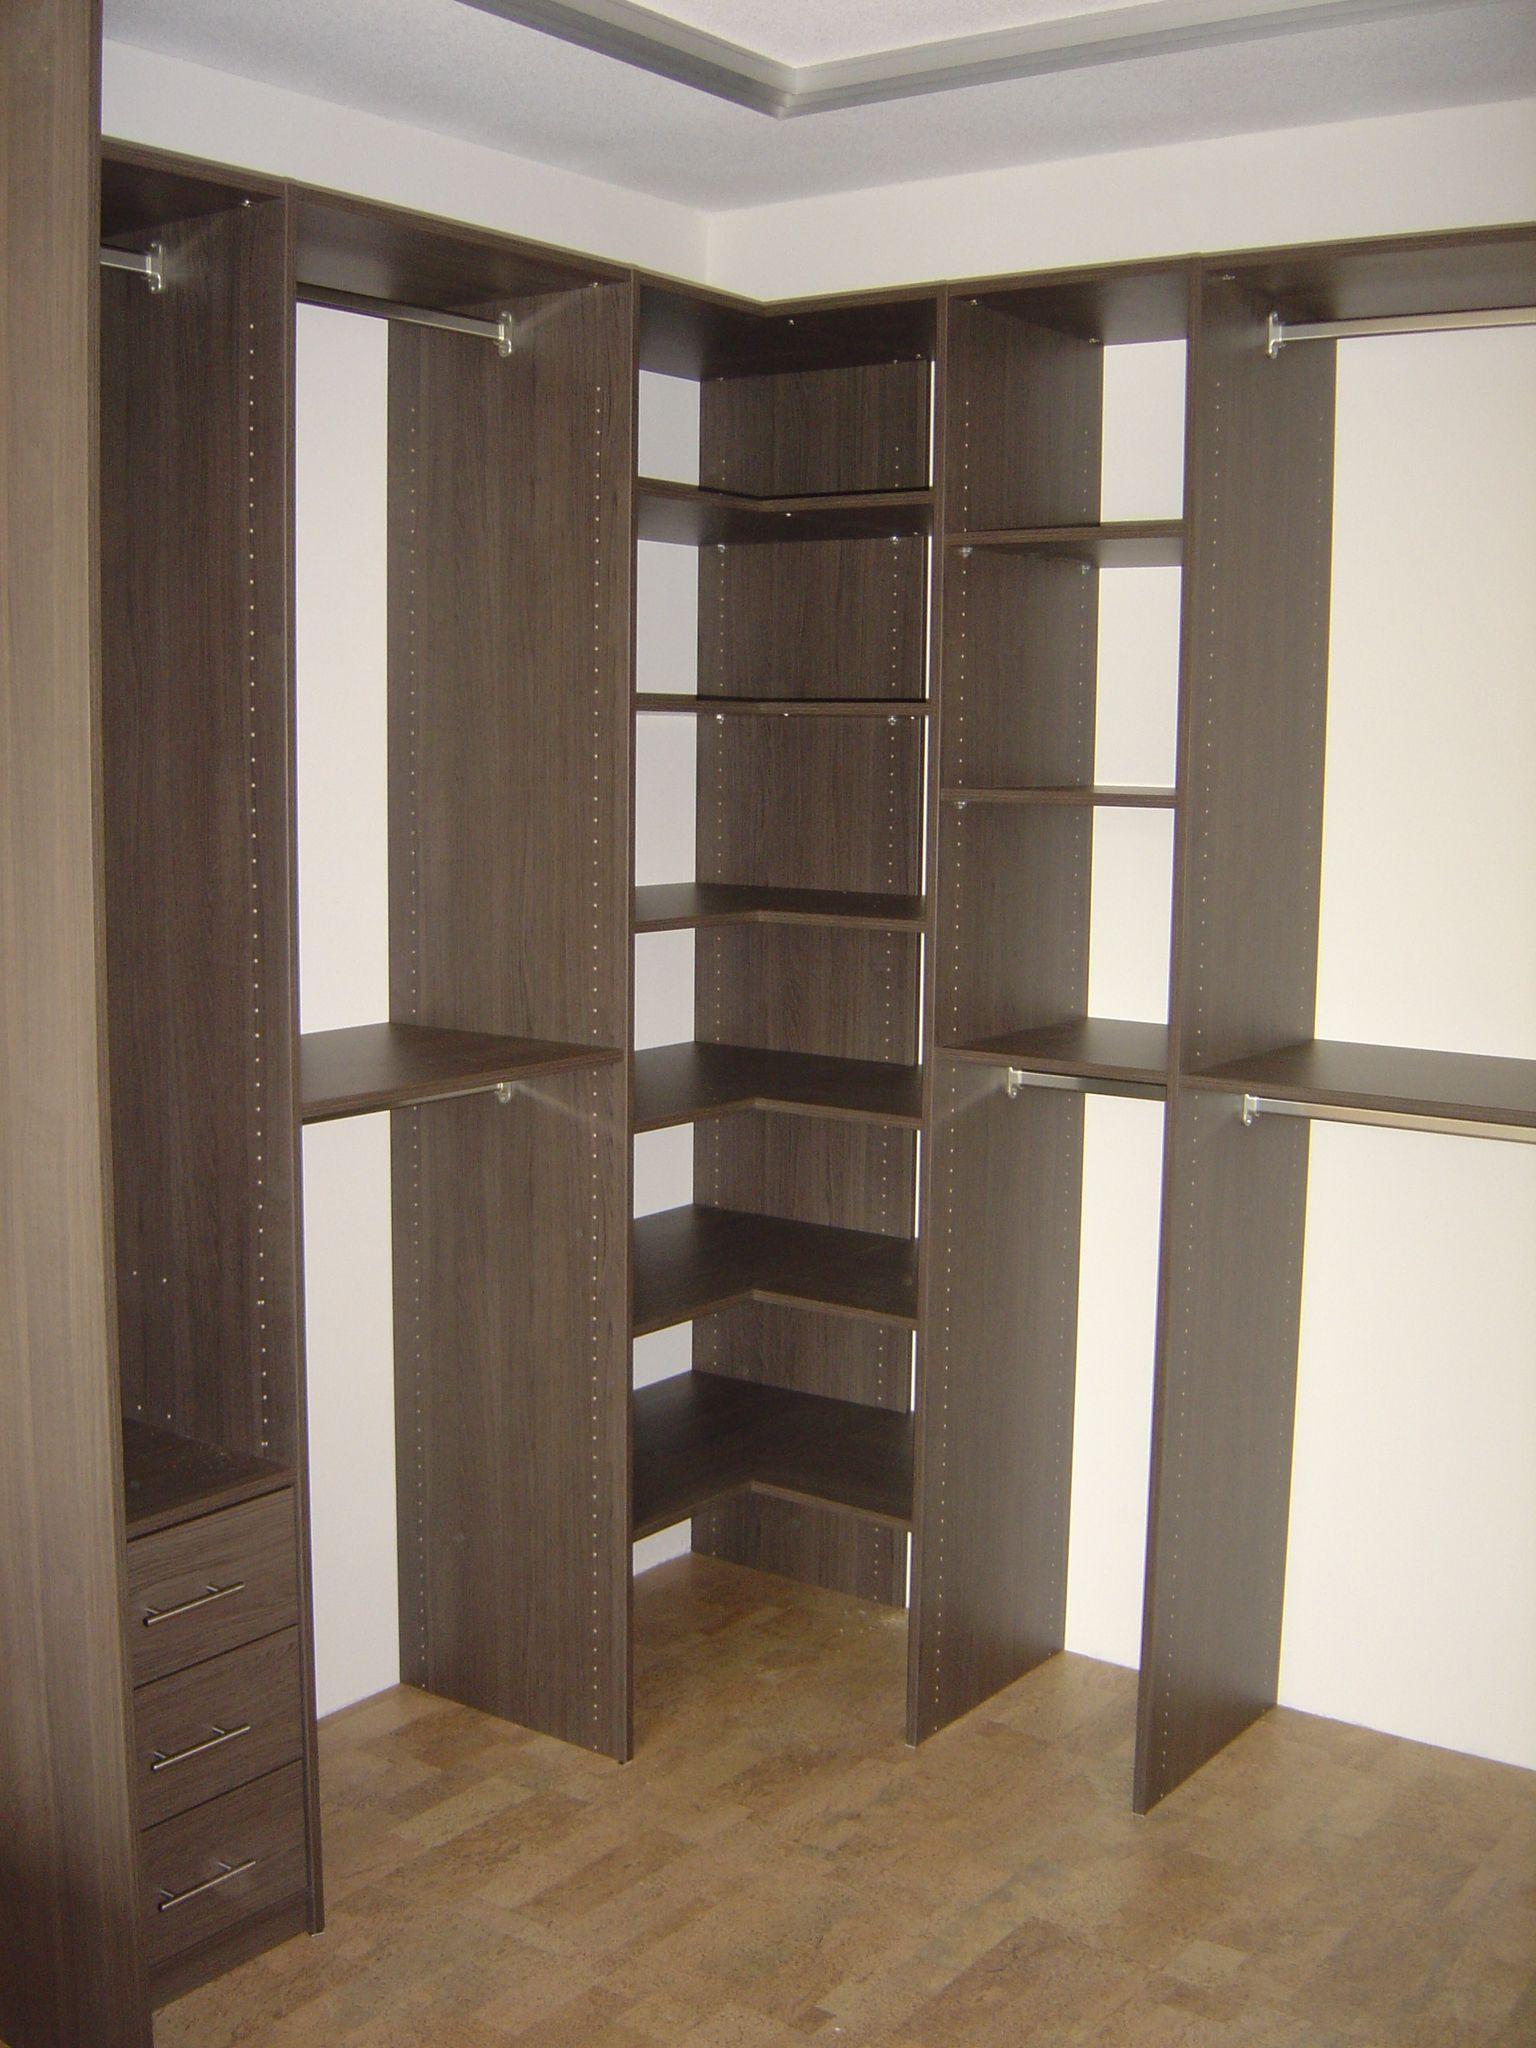 free kleine inloopkast hoek small walkinn corner with. Black Bedroom Furniture Sets. Home Design Ideas